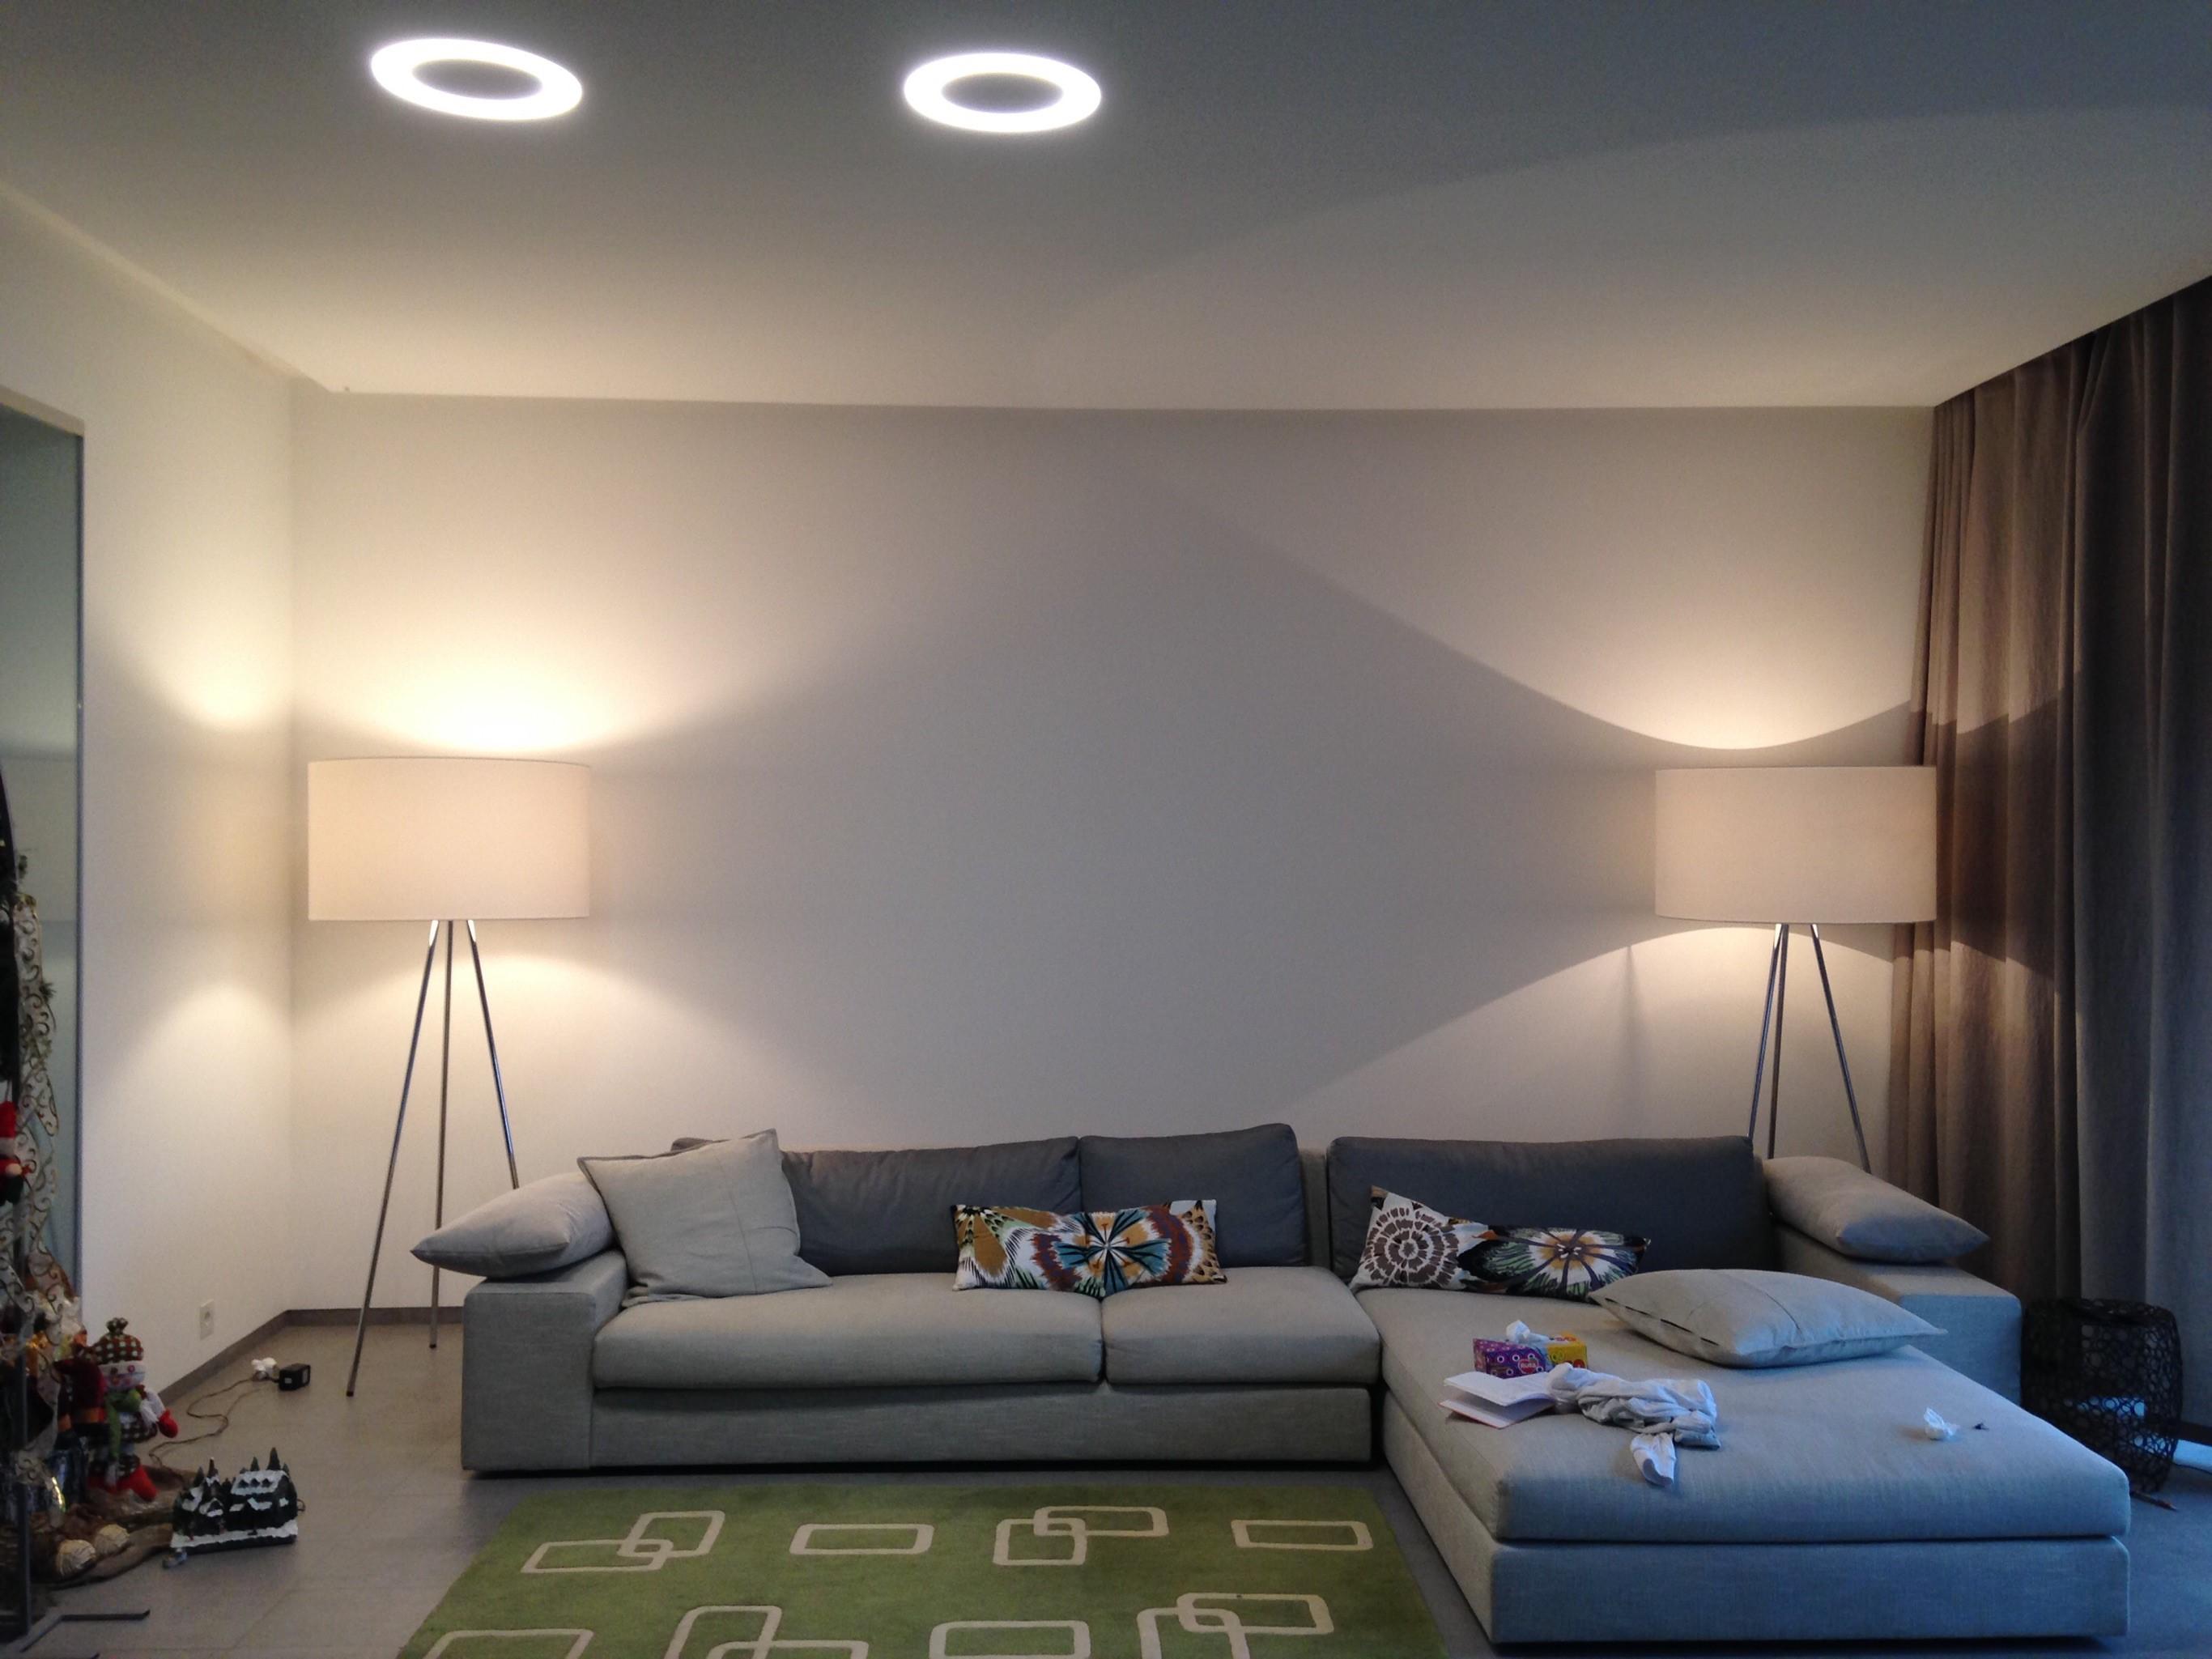 Умный дом METAFORSA умный дом в Вашей квартире всего за 55 000